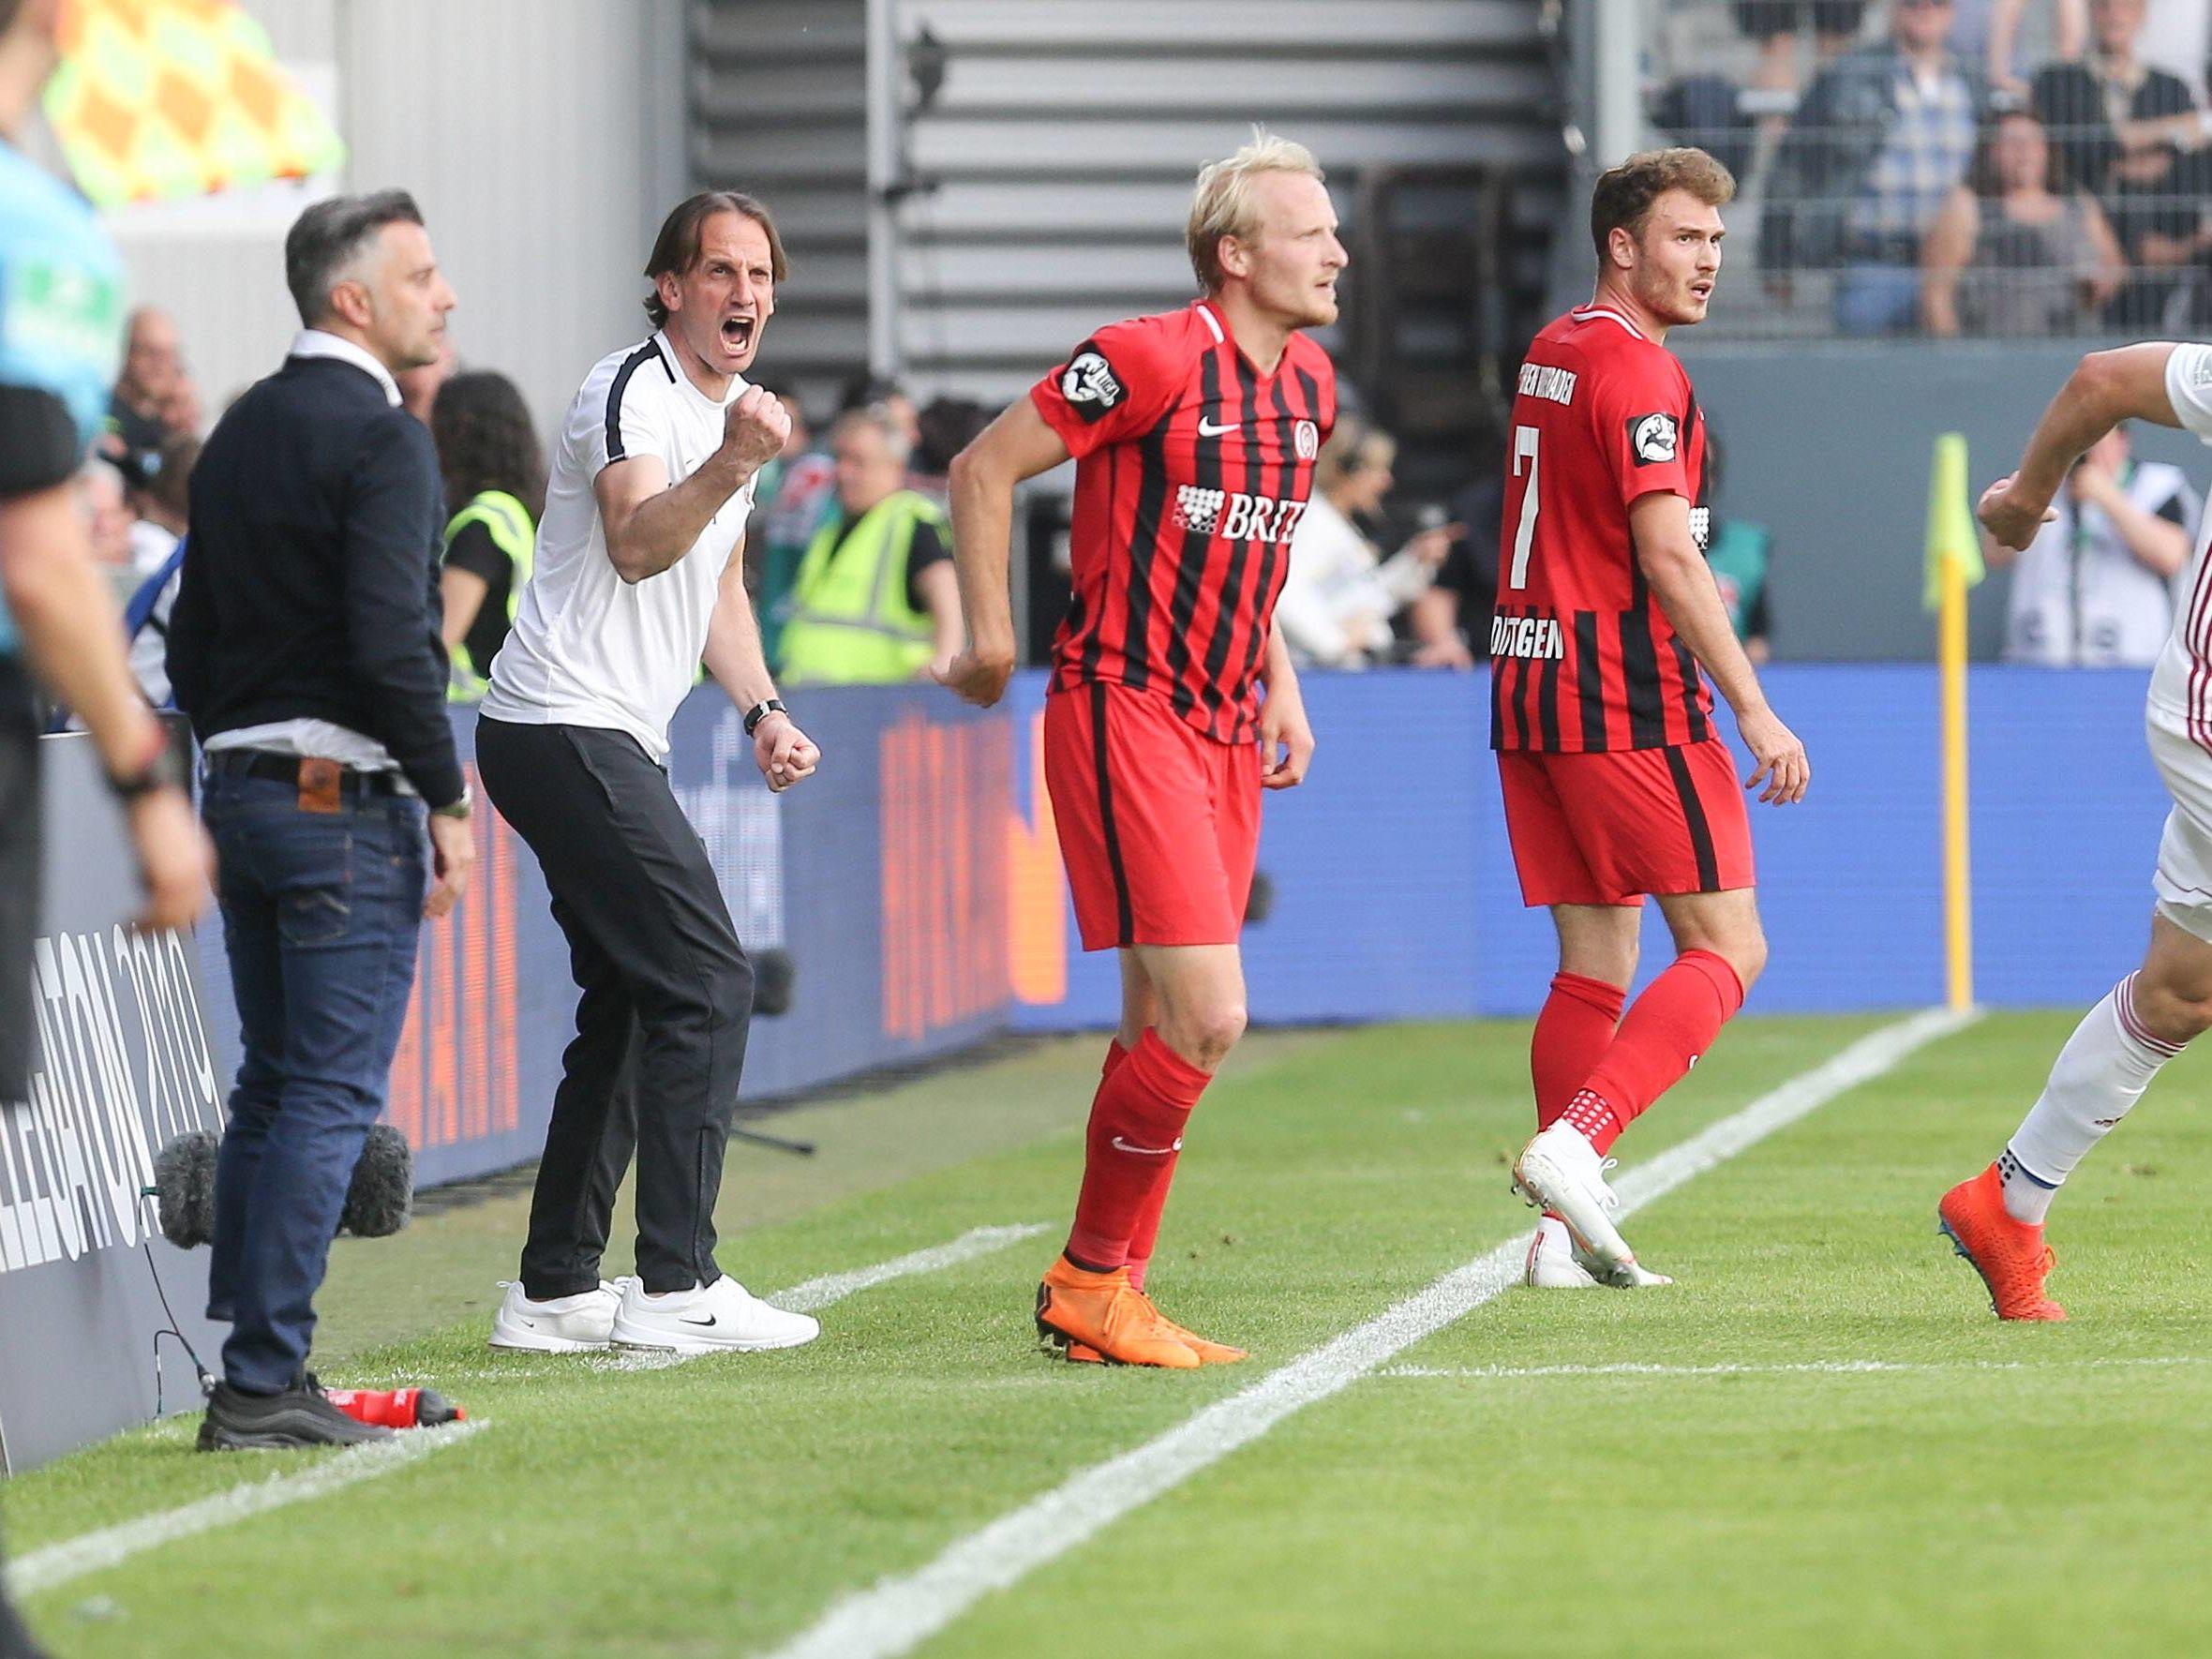 In der Relegation hatten Rüdiger Rehm (3.v.l.) und der SV Wehen Wiesbaden das bessere Ende für sich.